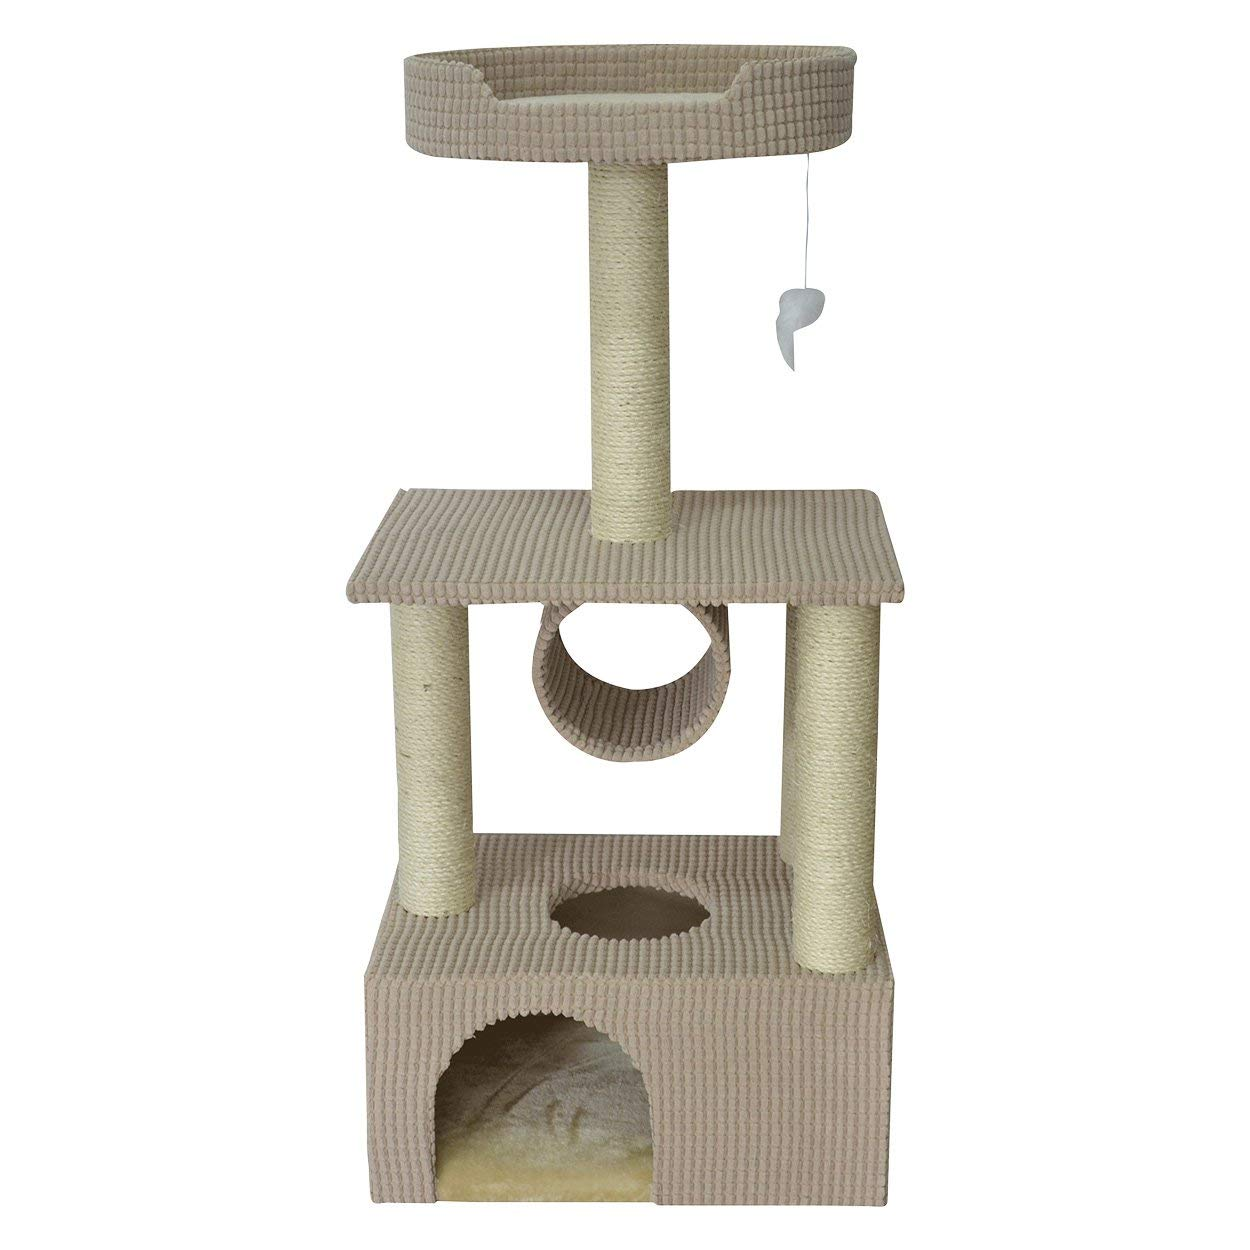 Animal Treasures Cat Tree Scratcher - Condo - 42'' by Animal Treasures